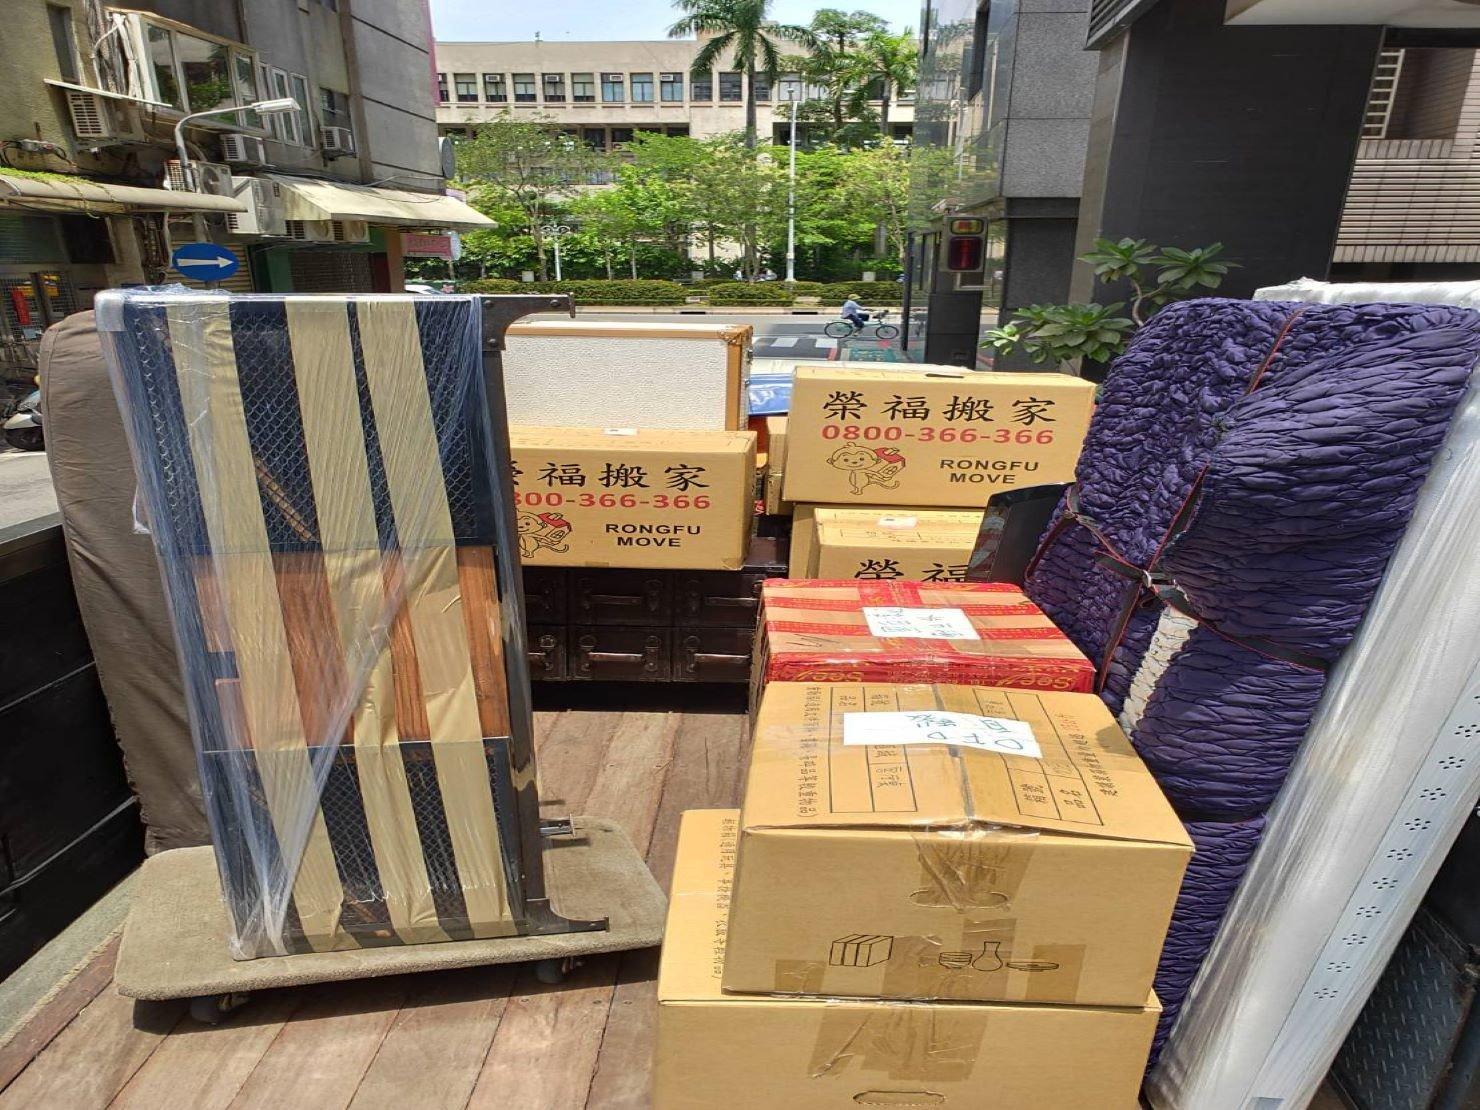 公司搬遷完善包裝避免損壞 搬家公司推薦-榮福搬家公司